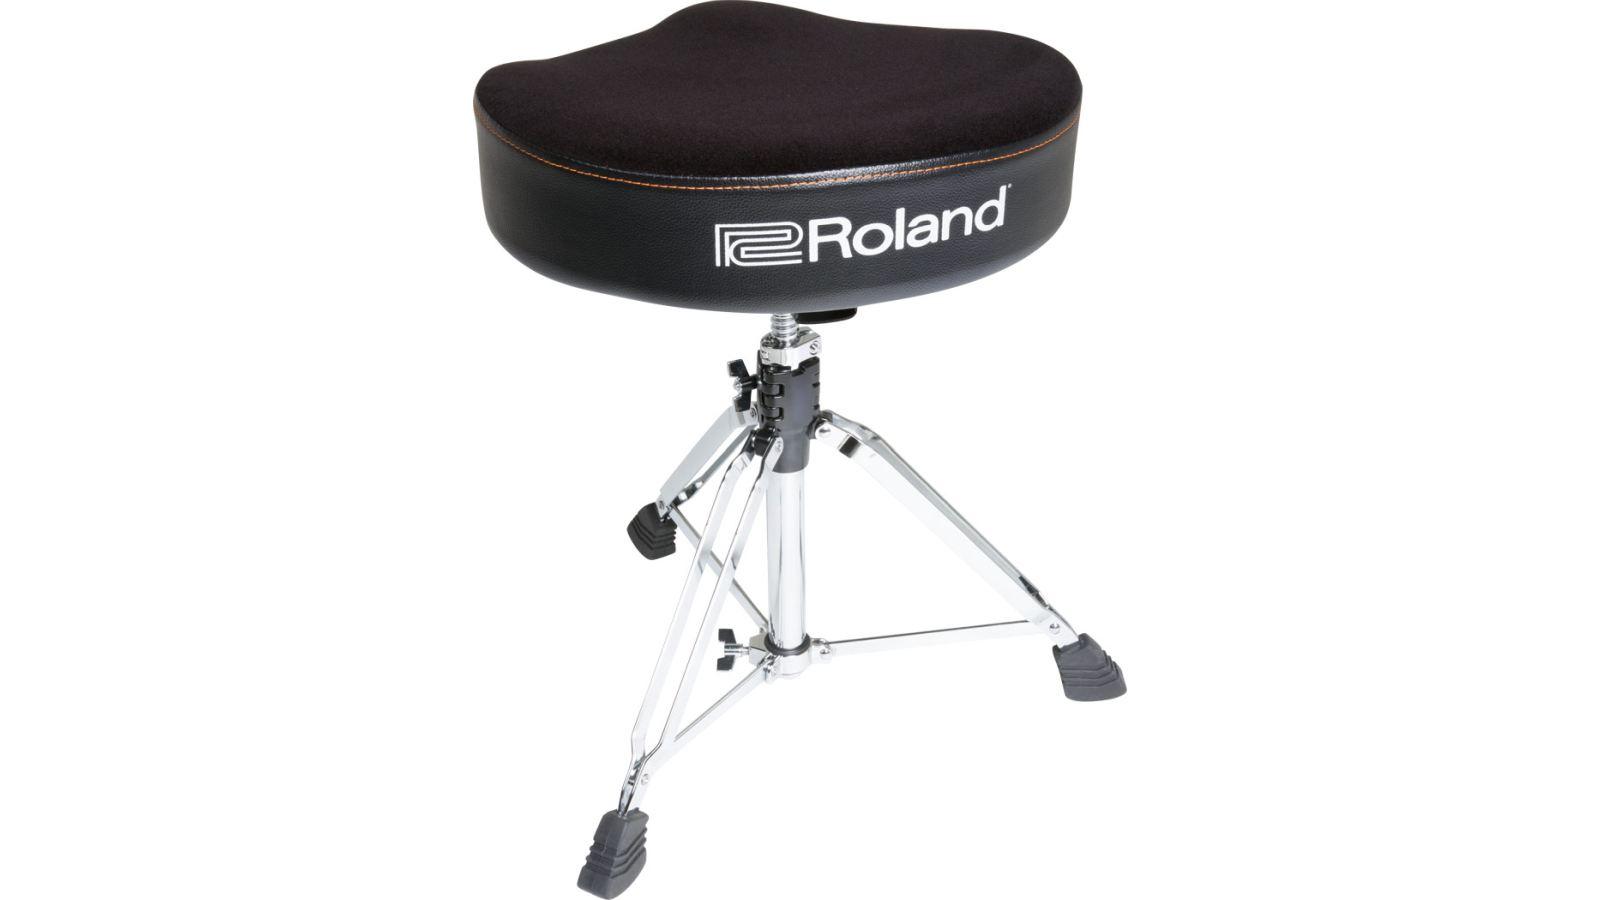 Roland RDT-S Drum Hocker Sattel